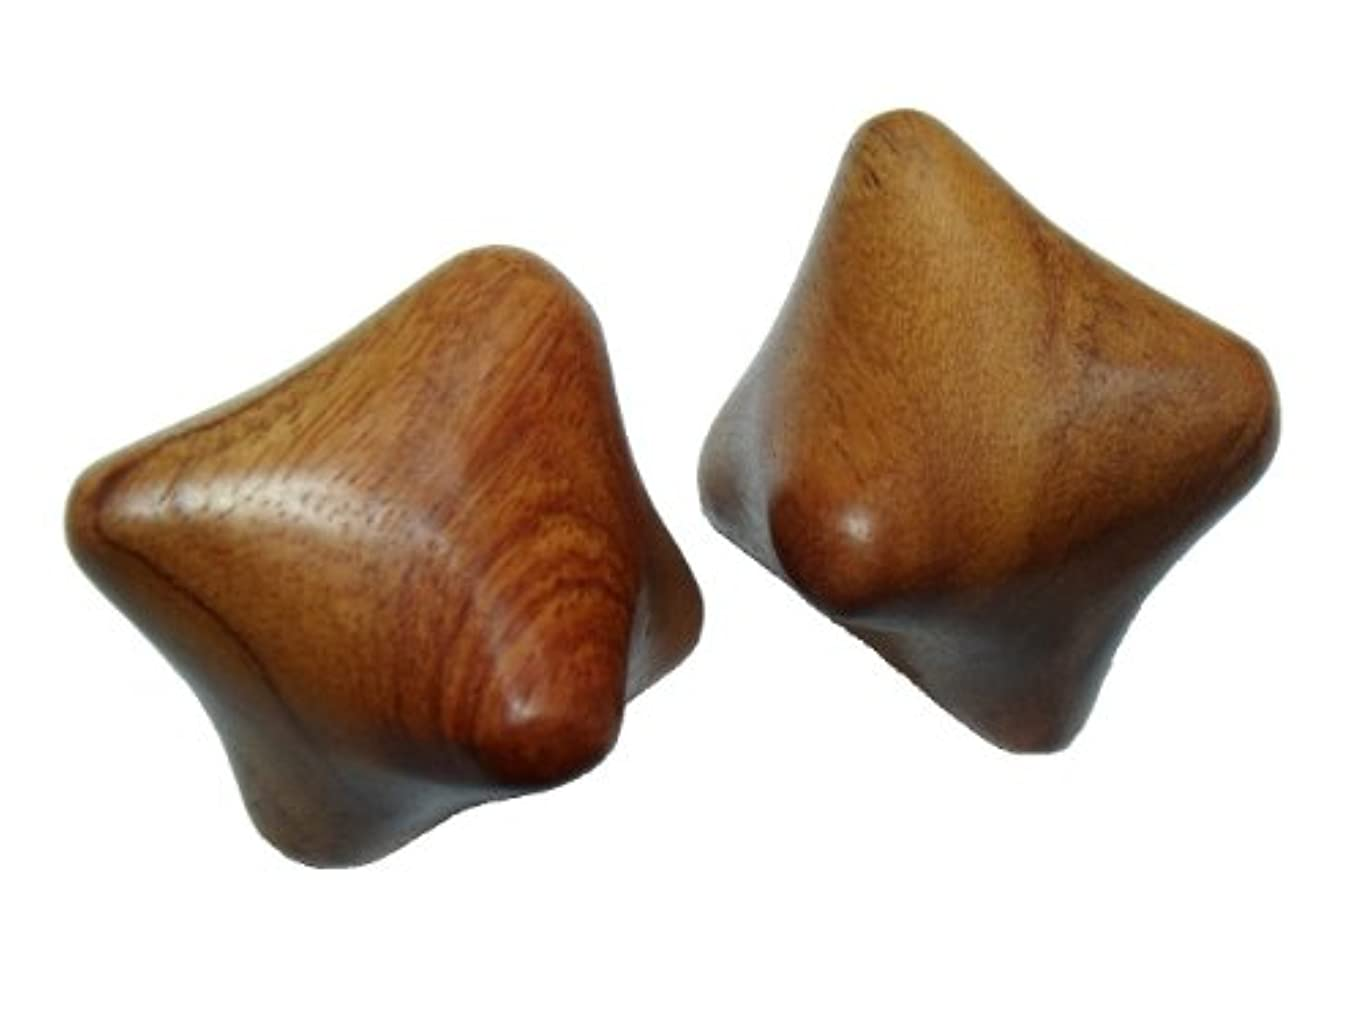 りんごライバル唯物論ウッドマッサージ棒 六角玉タイプ 2個セット